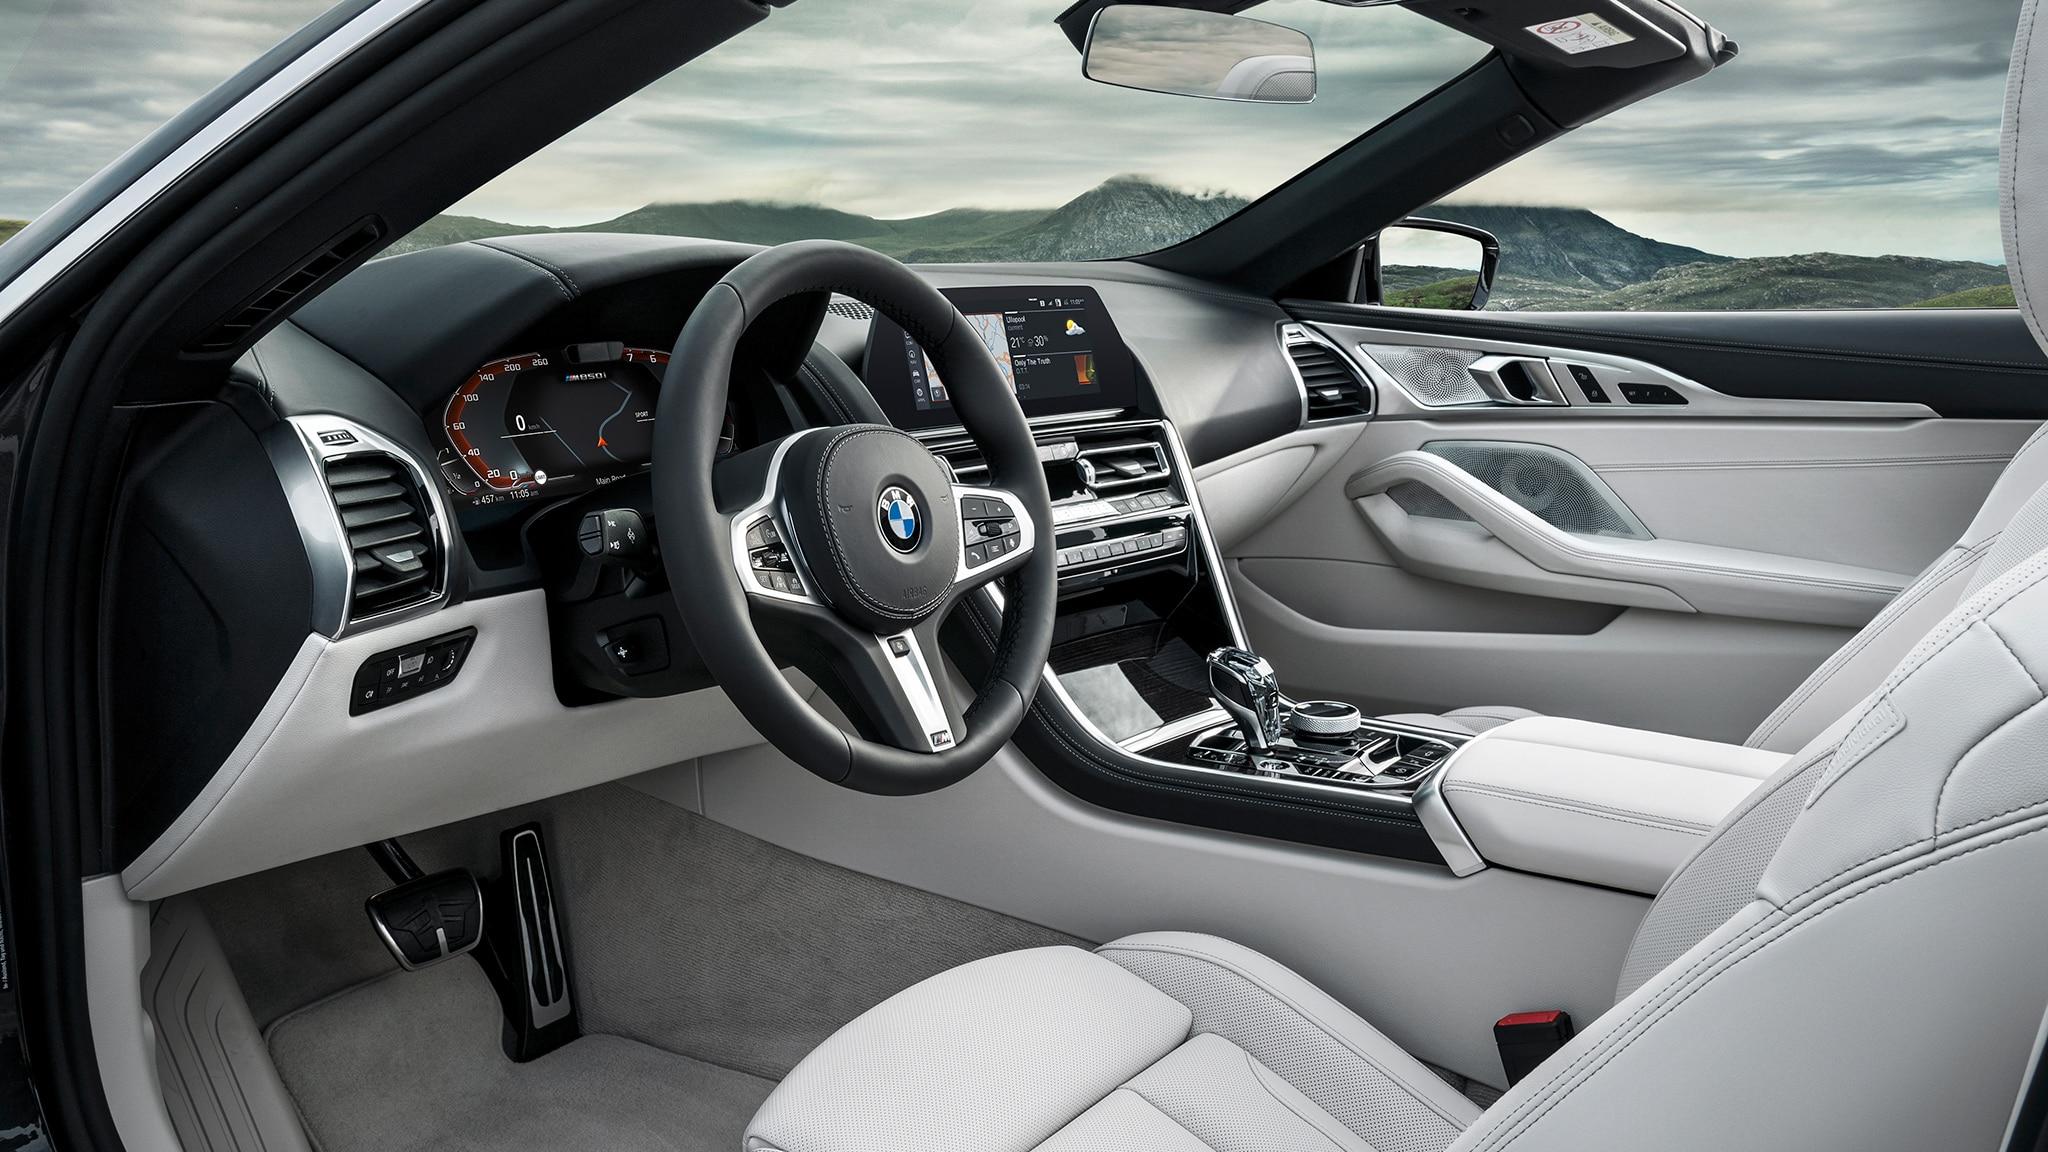 2019 BMW M850i Convertible Interior From Open Door